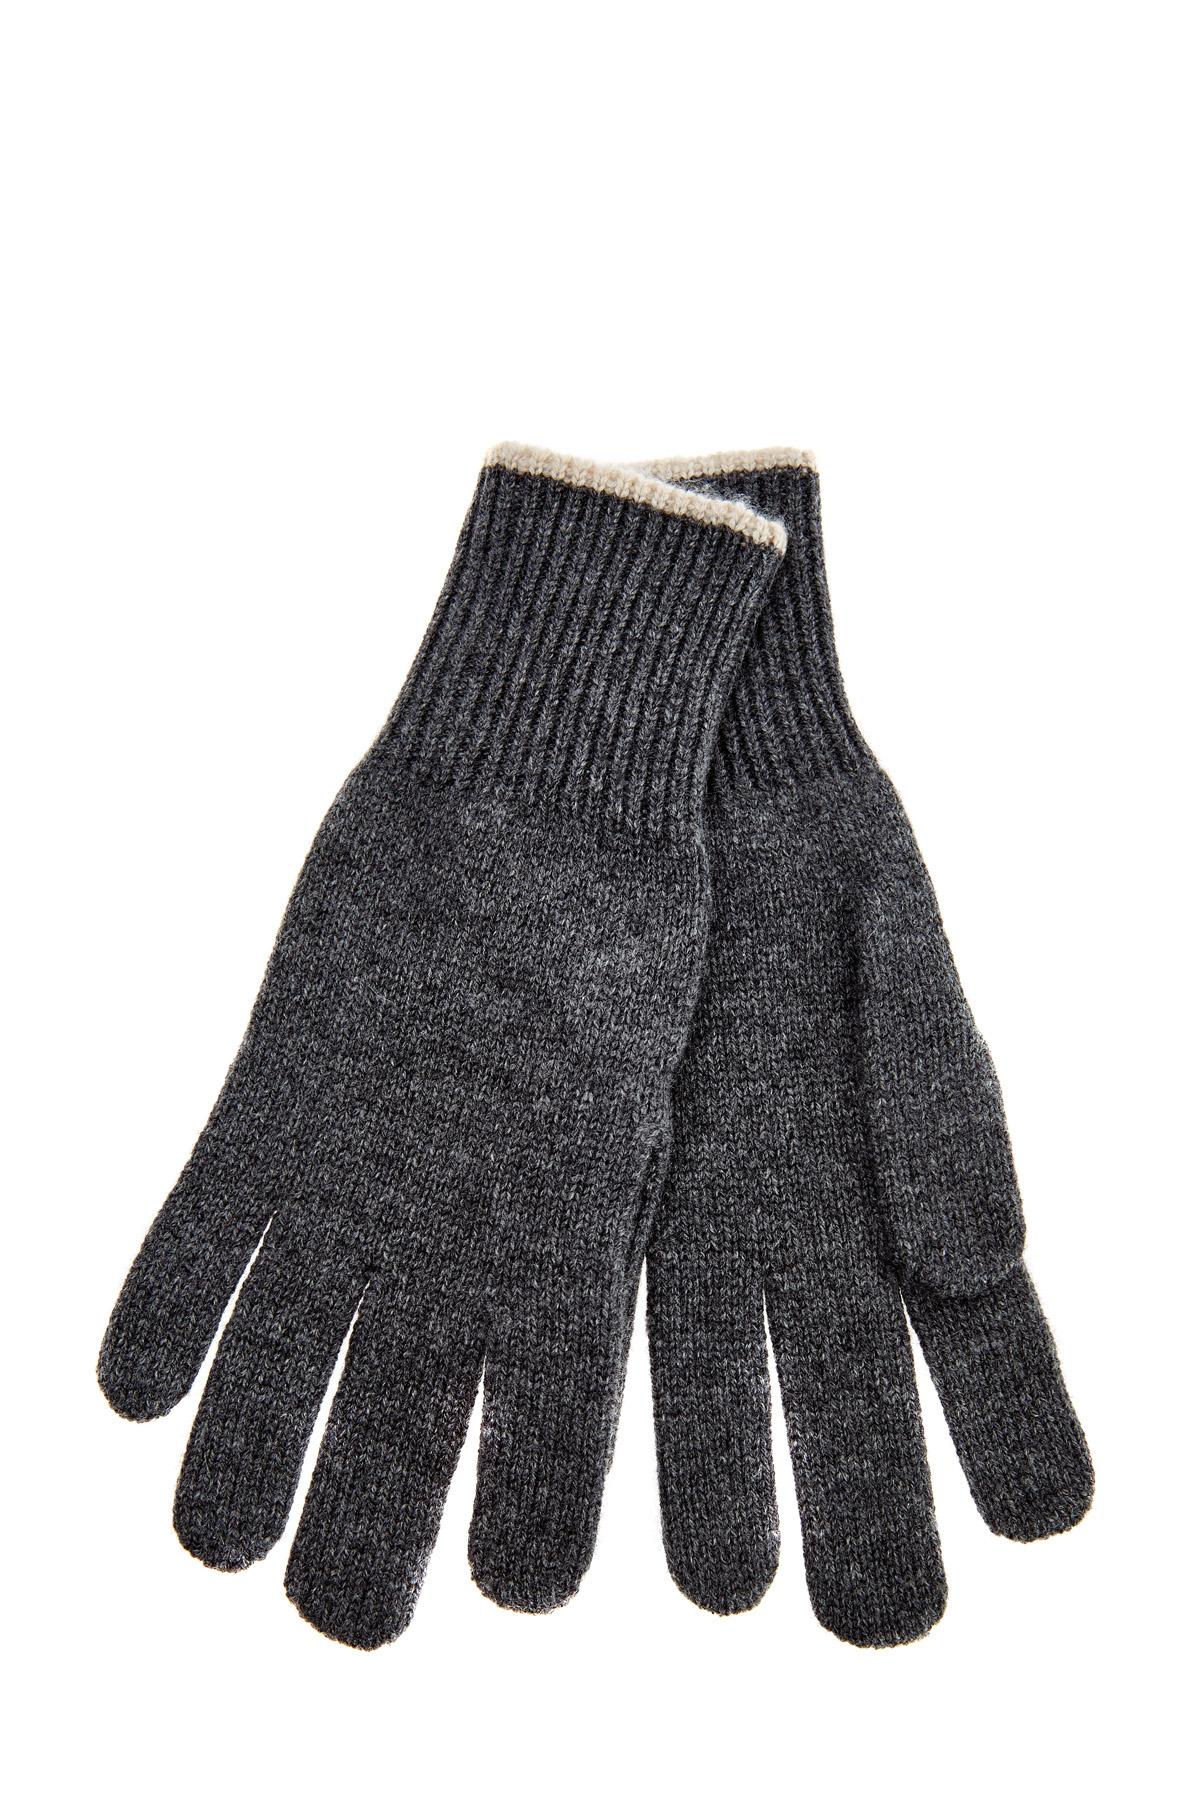 Кашемировые перчатки с контрастной окантовкой фото